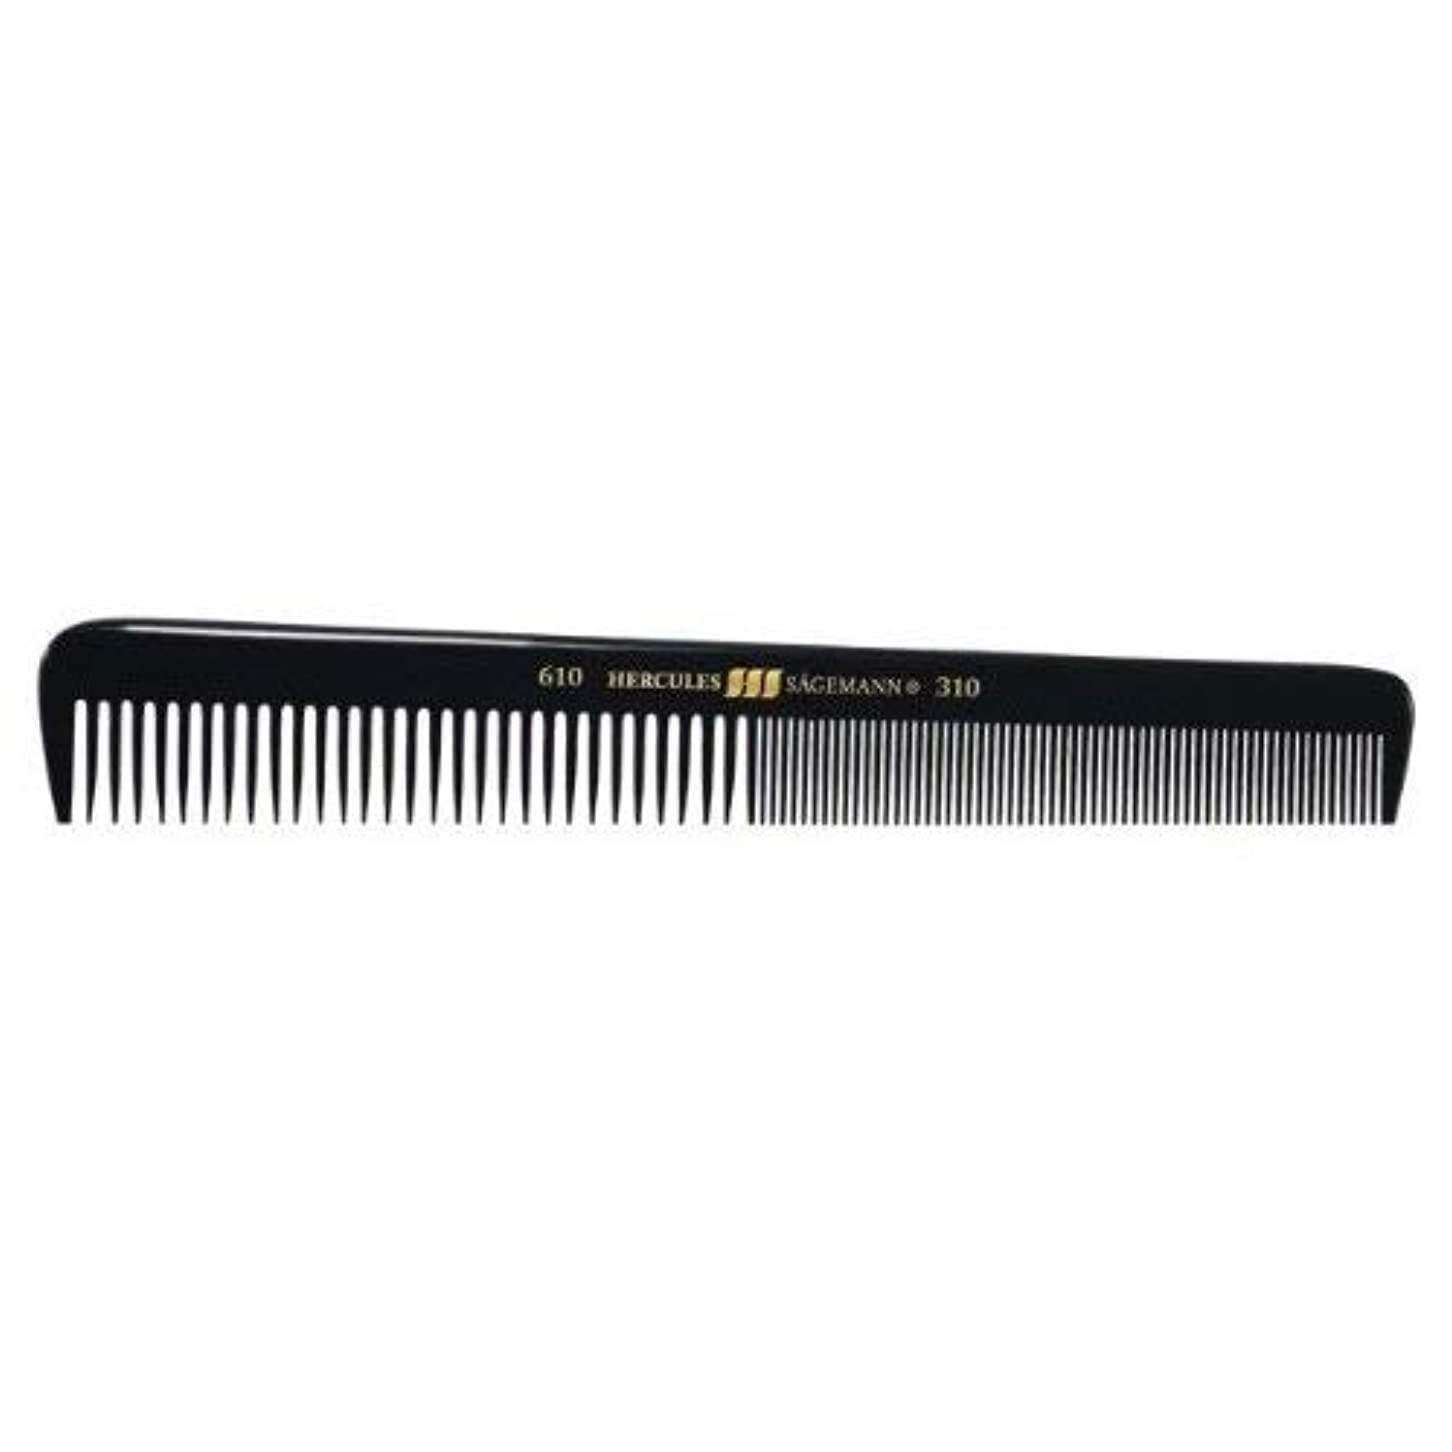 純正永続じゃがいもHercules S?gemann Gents Comb for short hair   Ebonite - Made in Germany [並行輸入品]